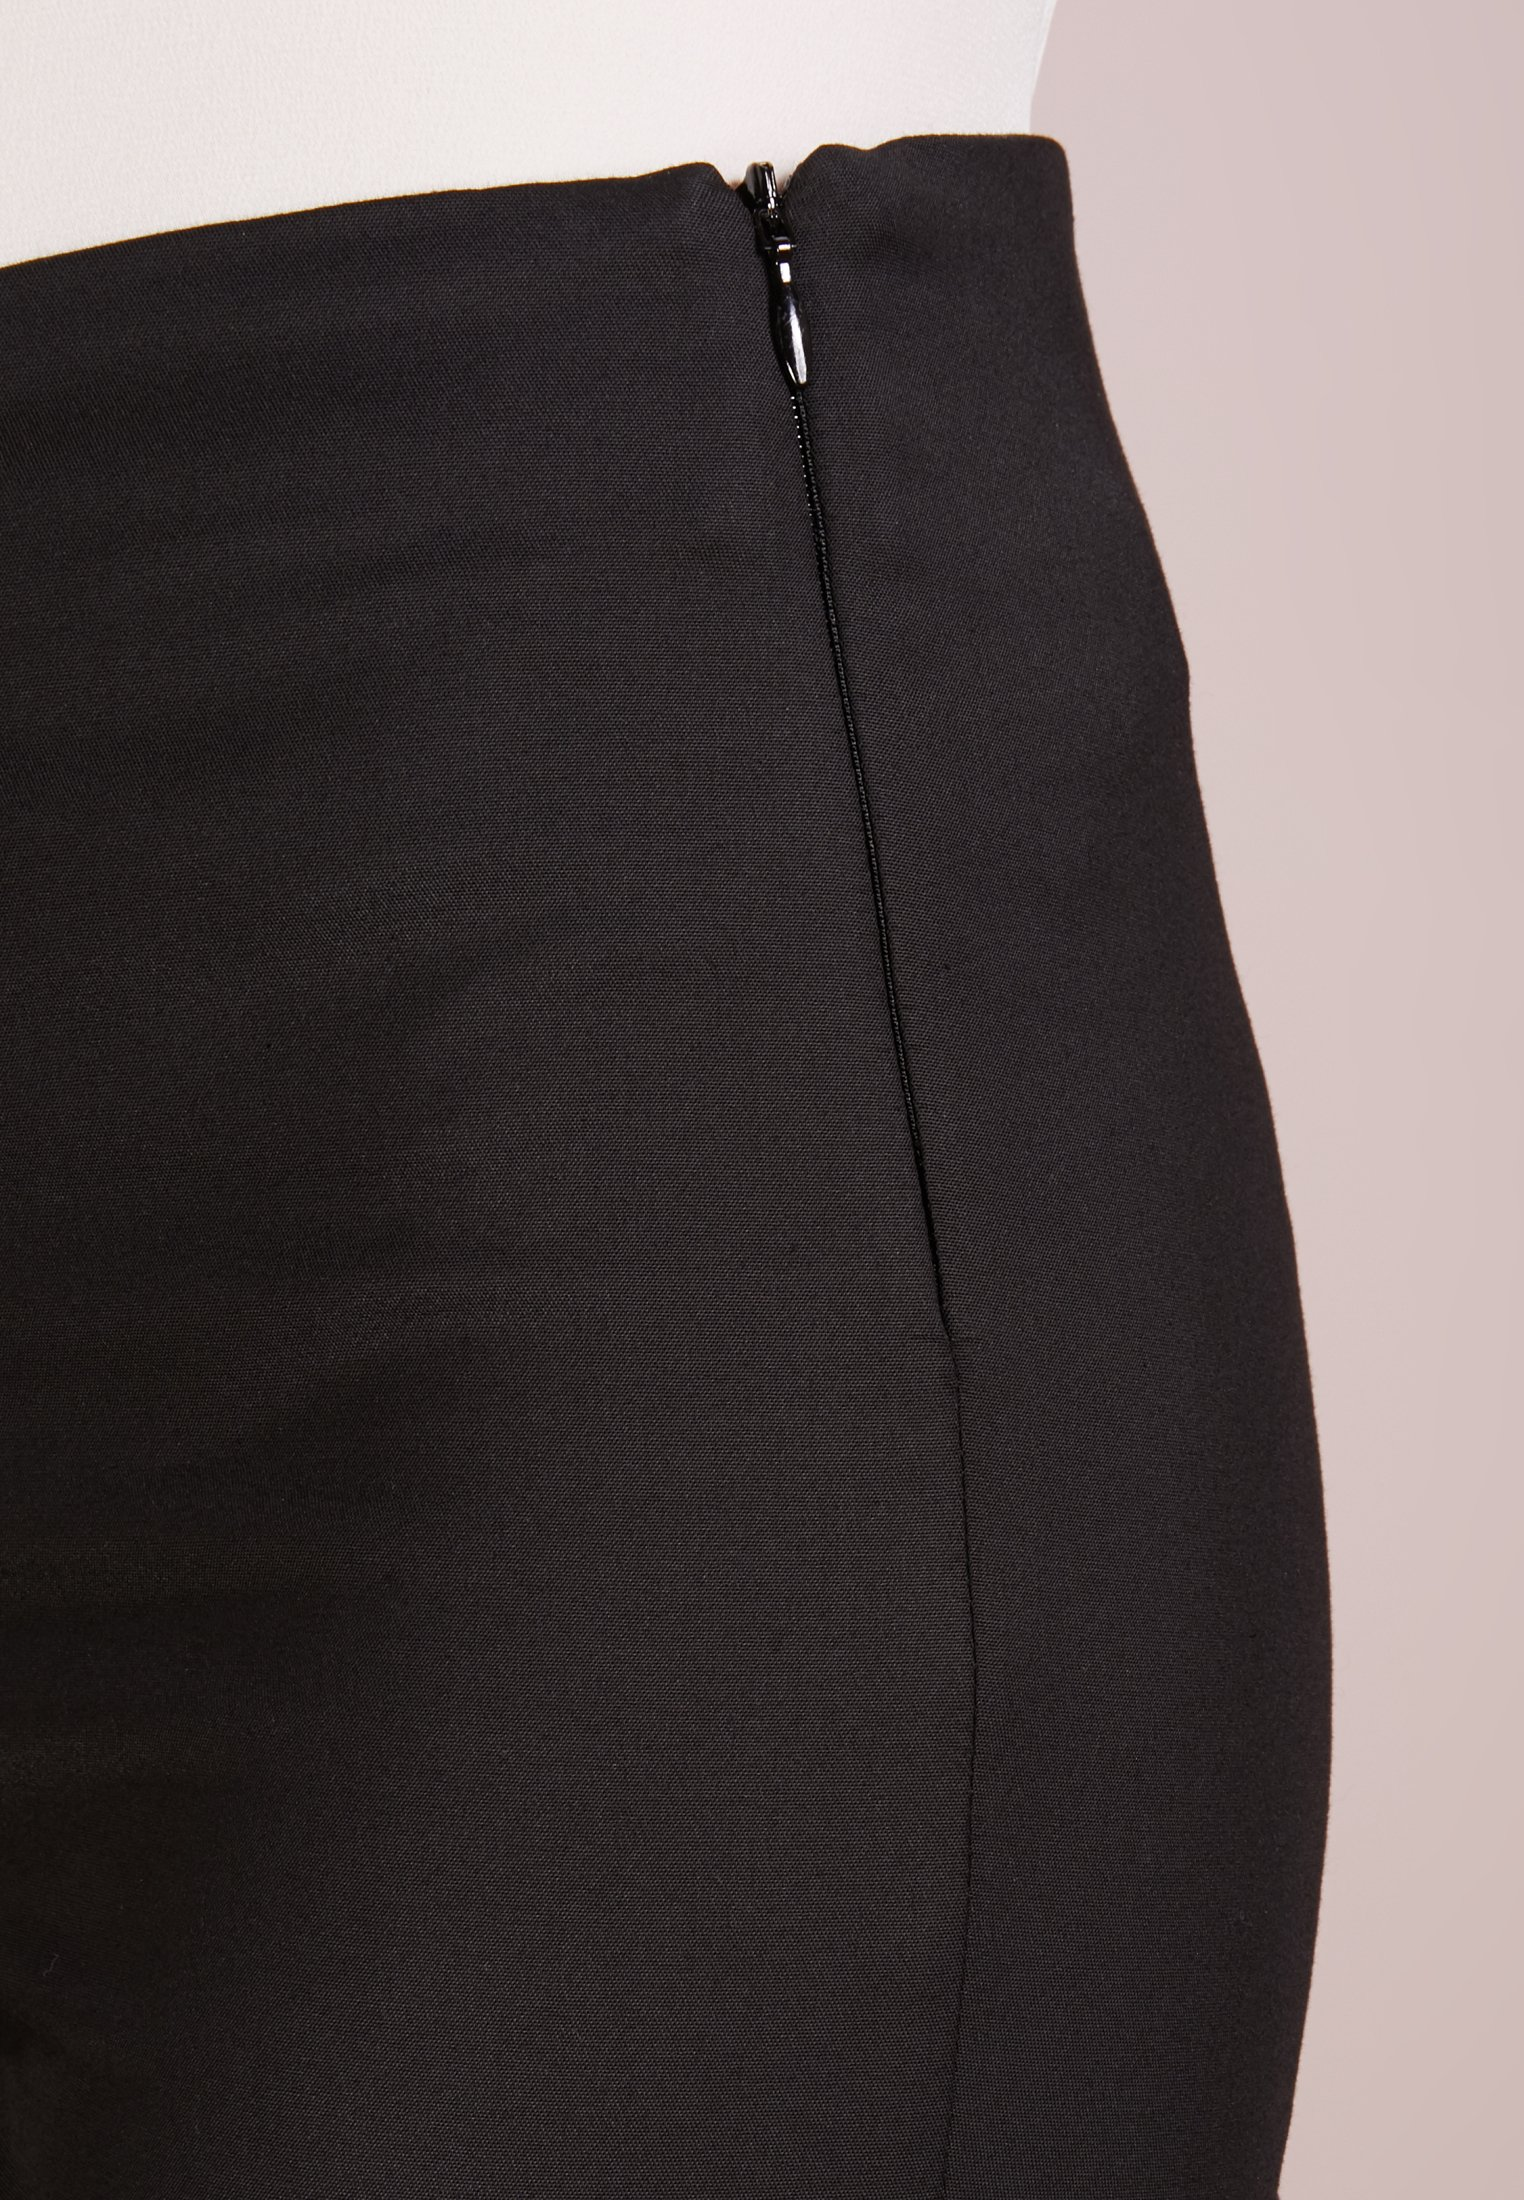 Pantaloni Black Filippa Filippa Black Filippa Pantaloni Filippa Black K K K Pantaloni Pantaloni K L5R4jq3A